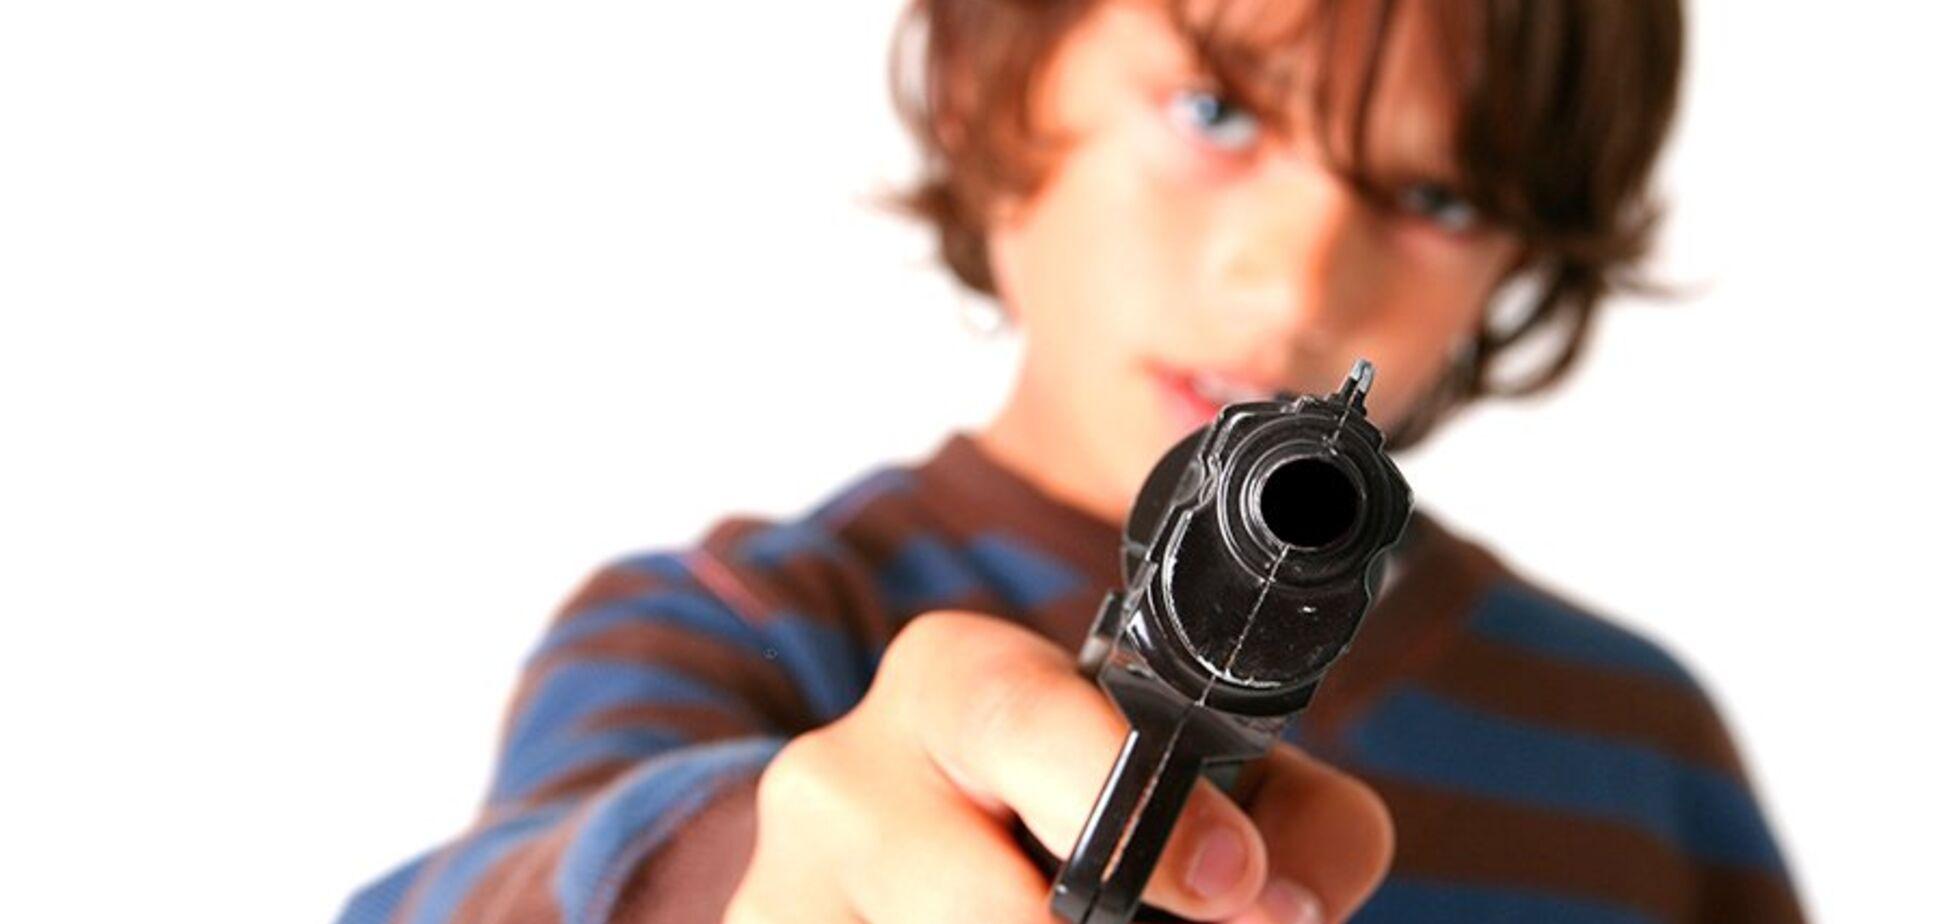 Выстрелил в голову брату: на Днепропетровщине разыгралась трагедия с детьми